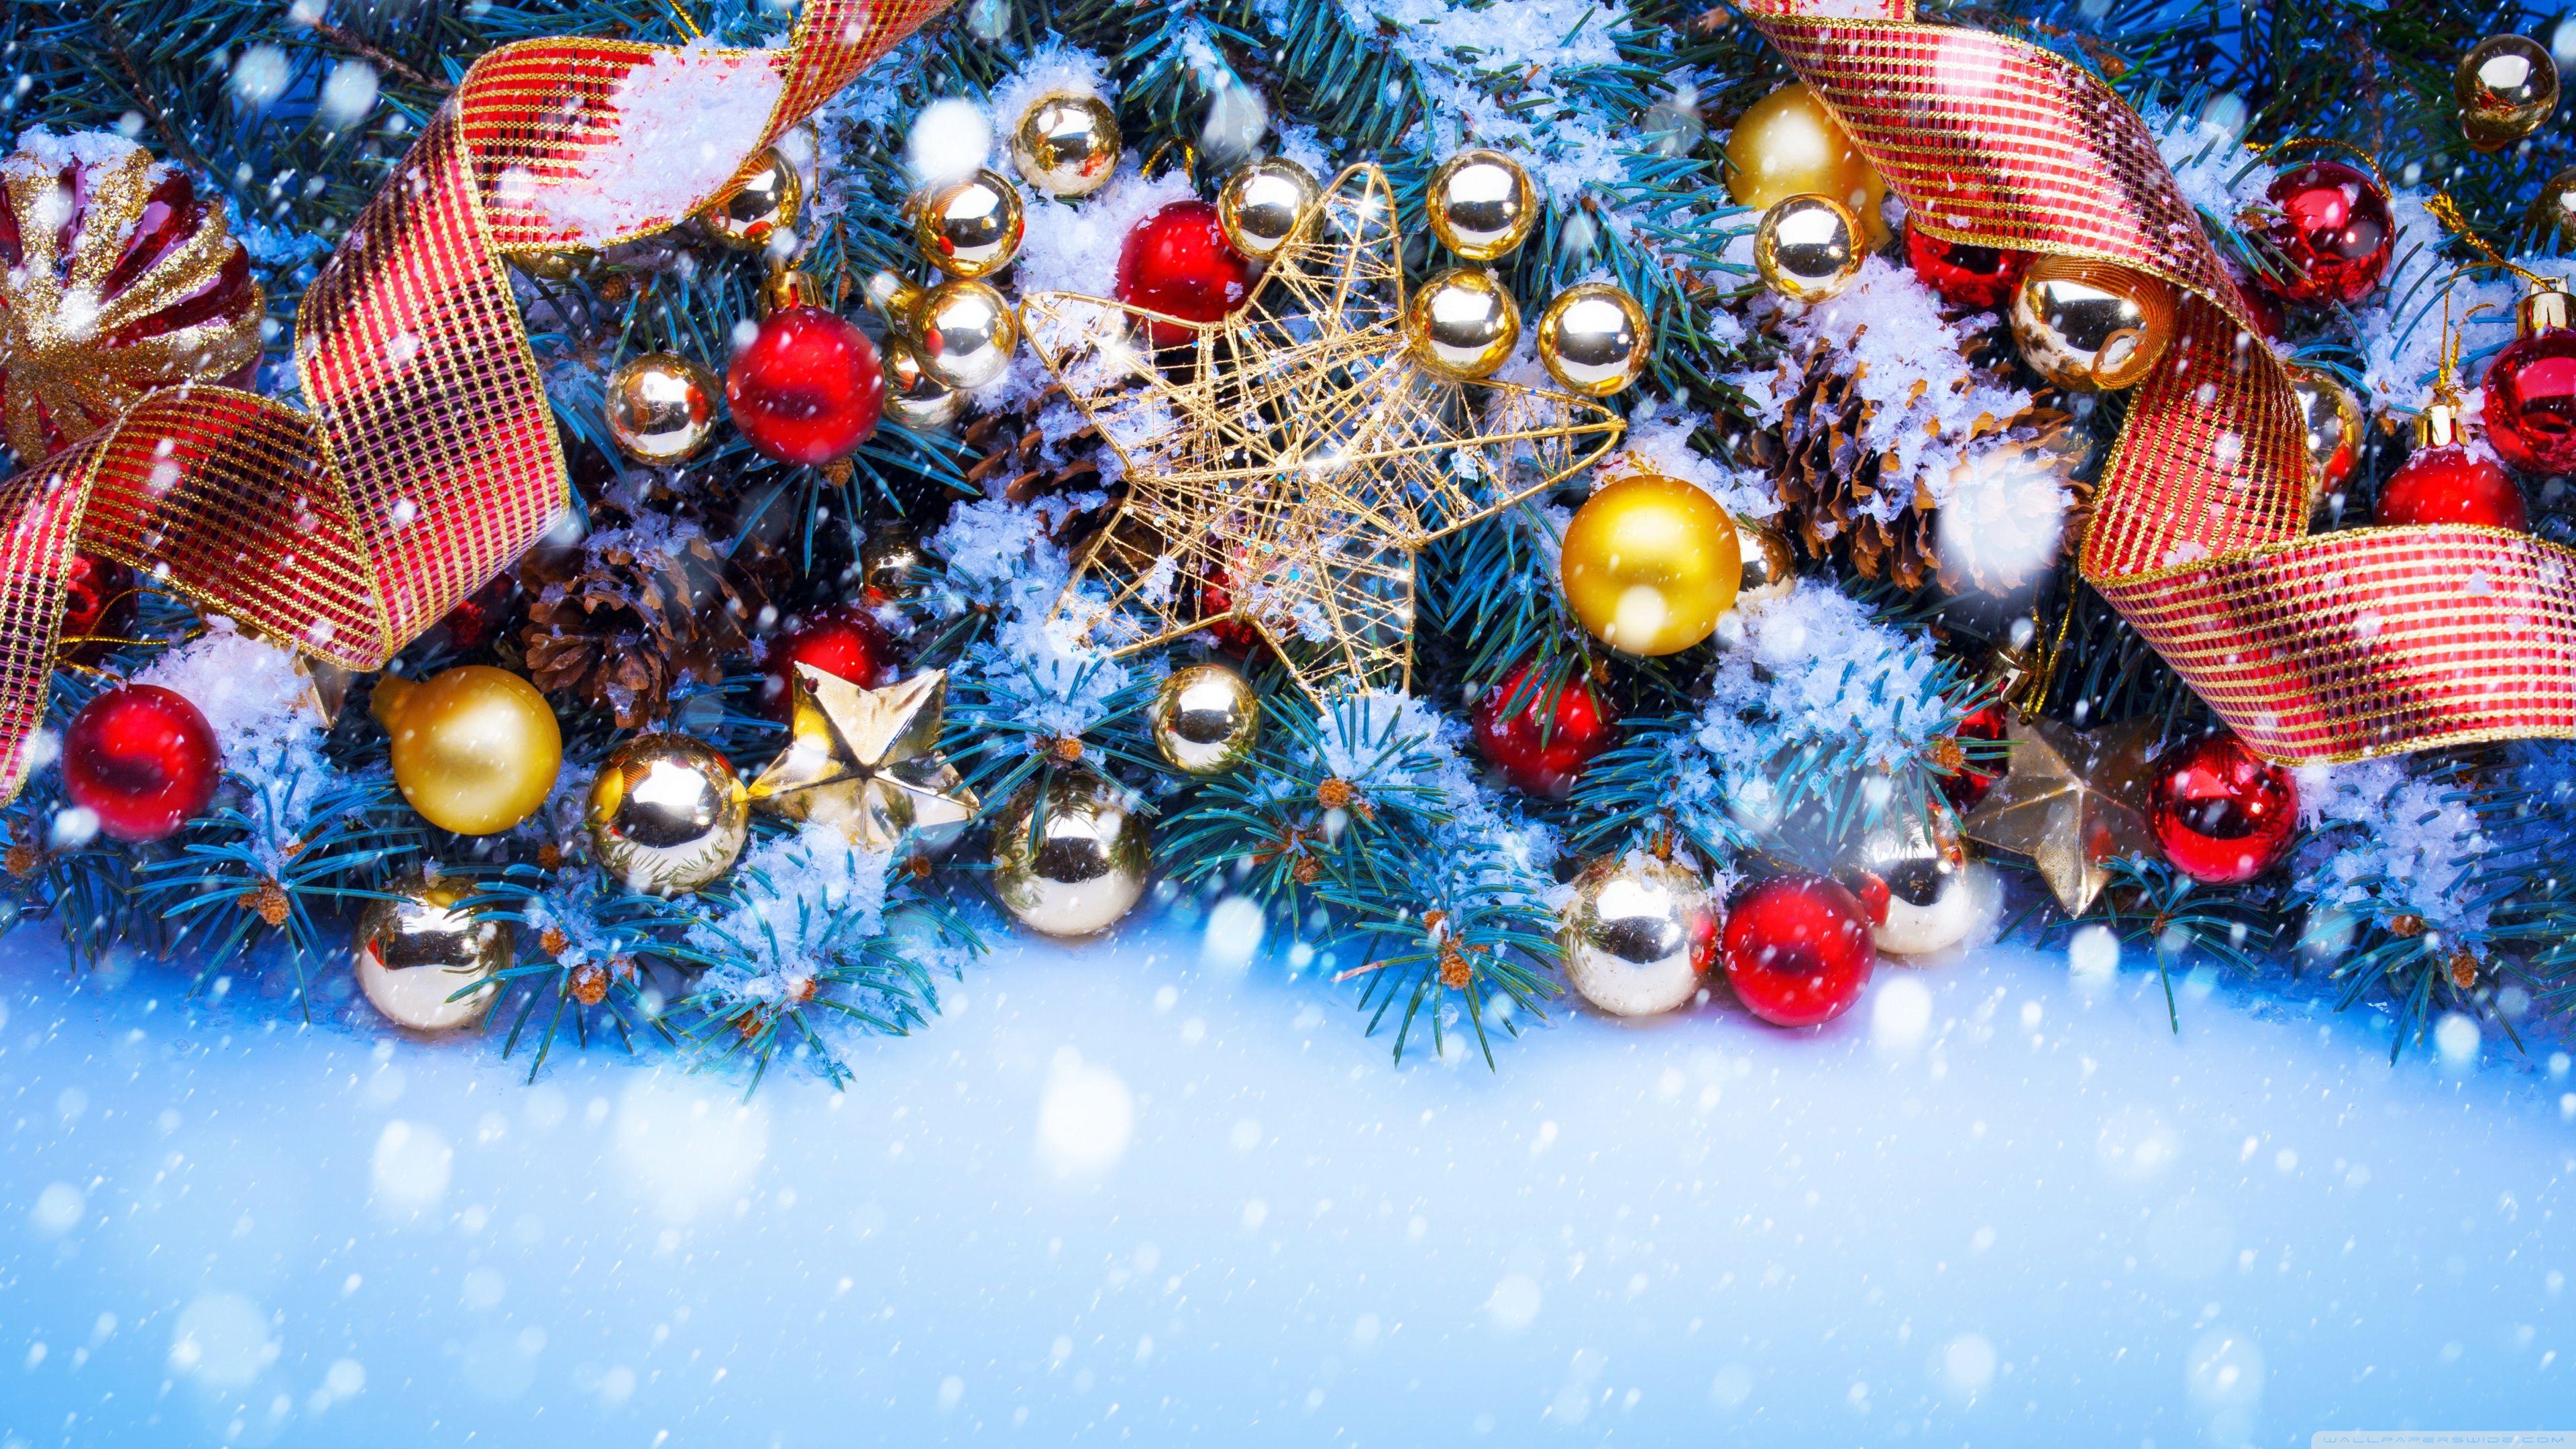 3840 X 2160 Christmas Wallpapers   Top 3840 X 2160 Christmas 3840x2160